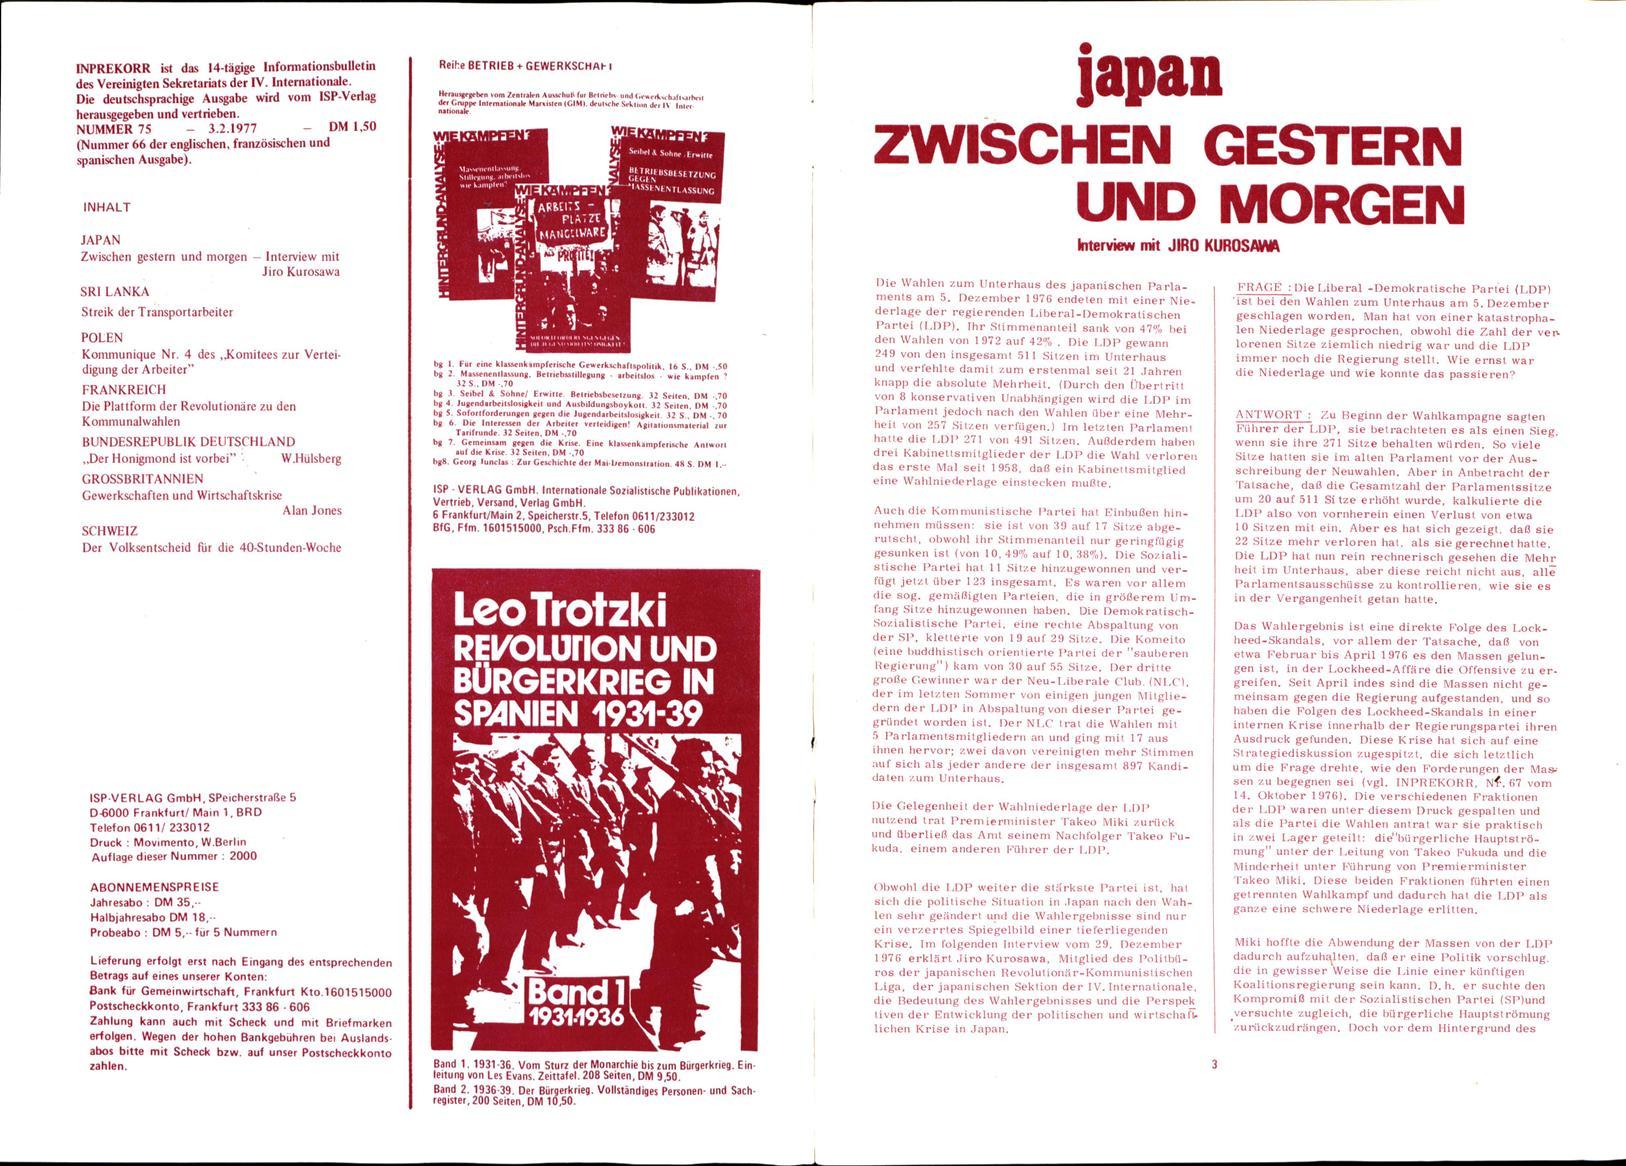 Inprekorr_19770203_075_002